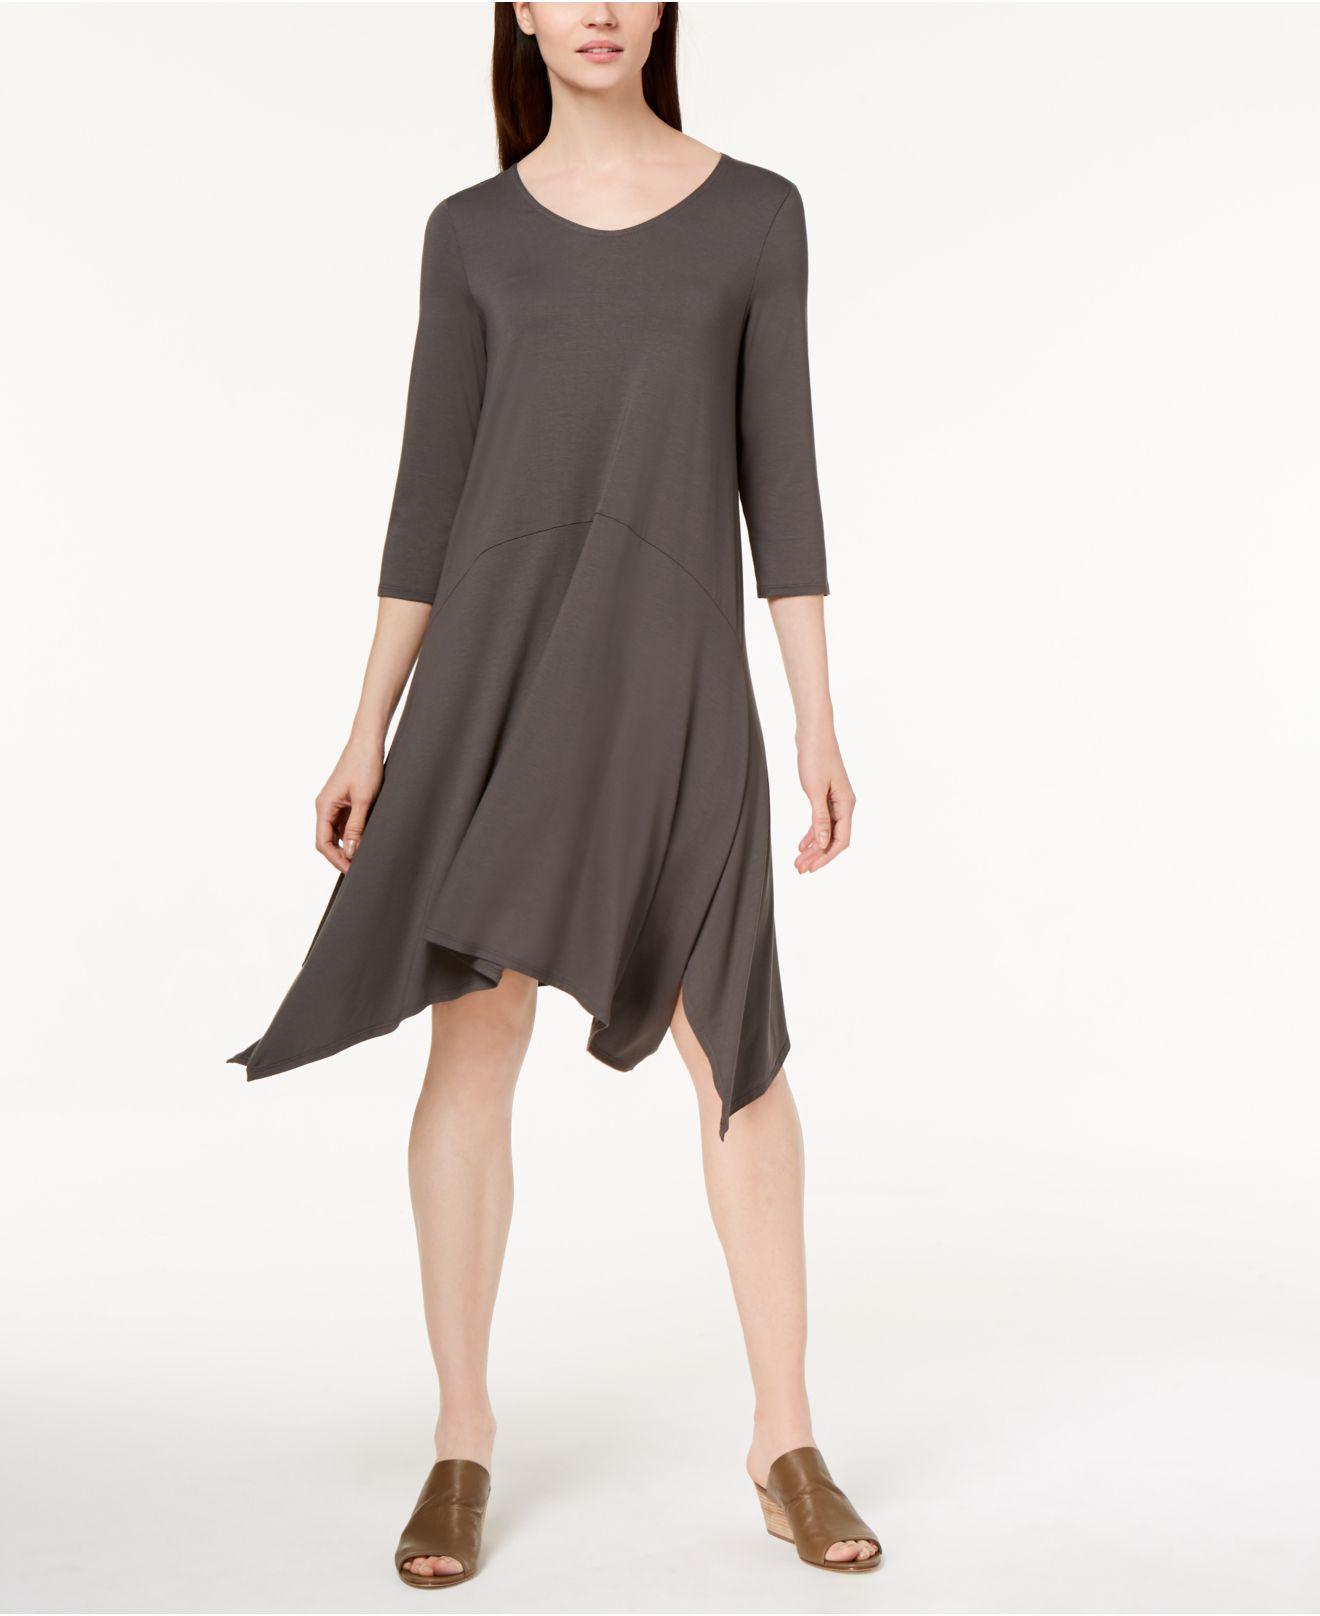 b04afaaa36a Lyst - Eileen Fisher Organic Cotton Handkerchief-hem Dress